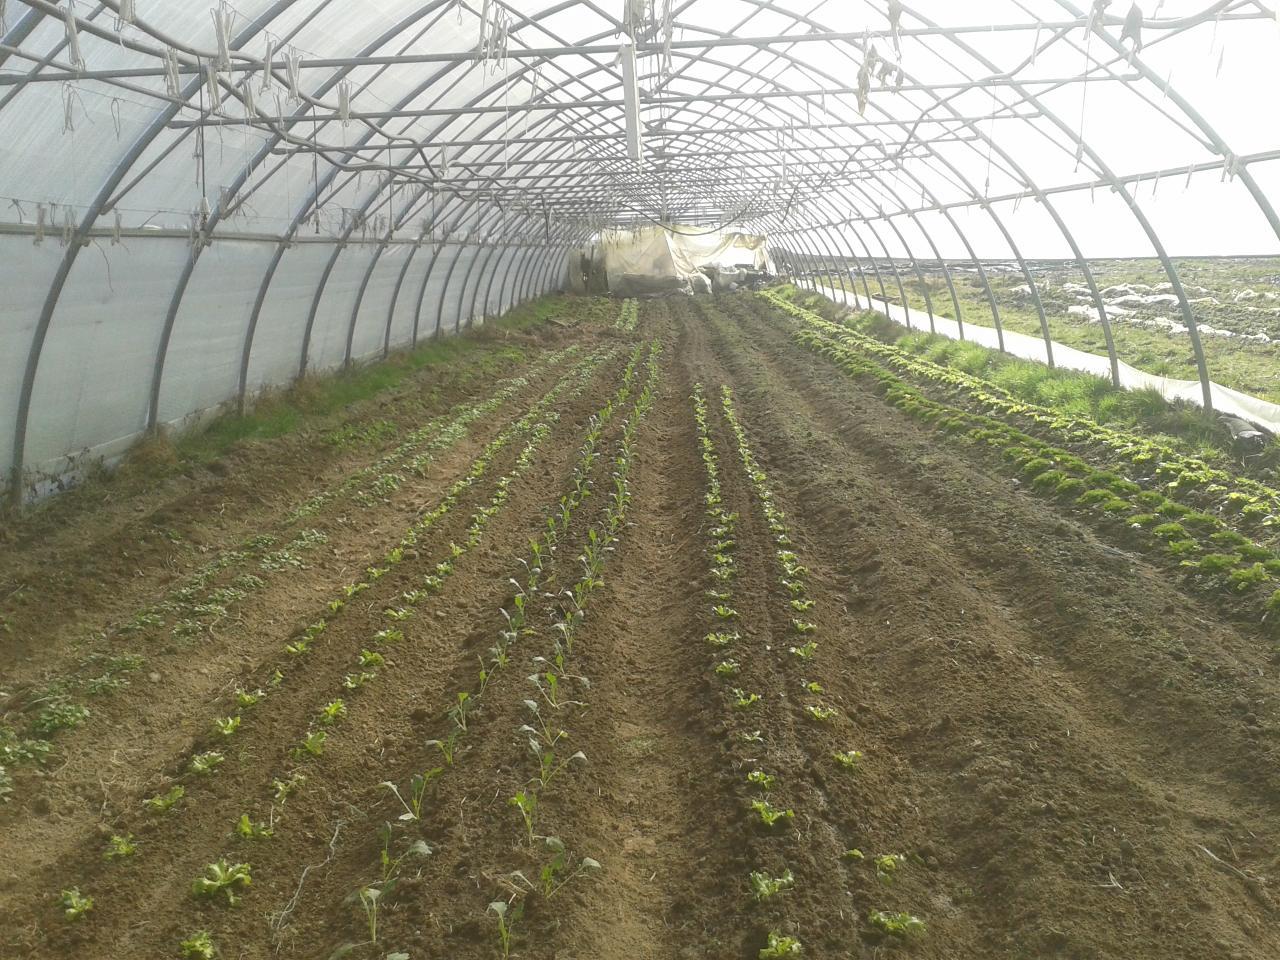 Tunnel au printemps 2-3 semaines après plantation